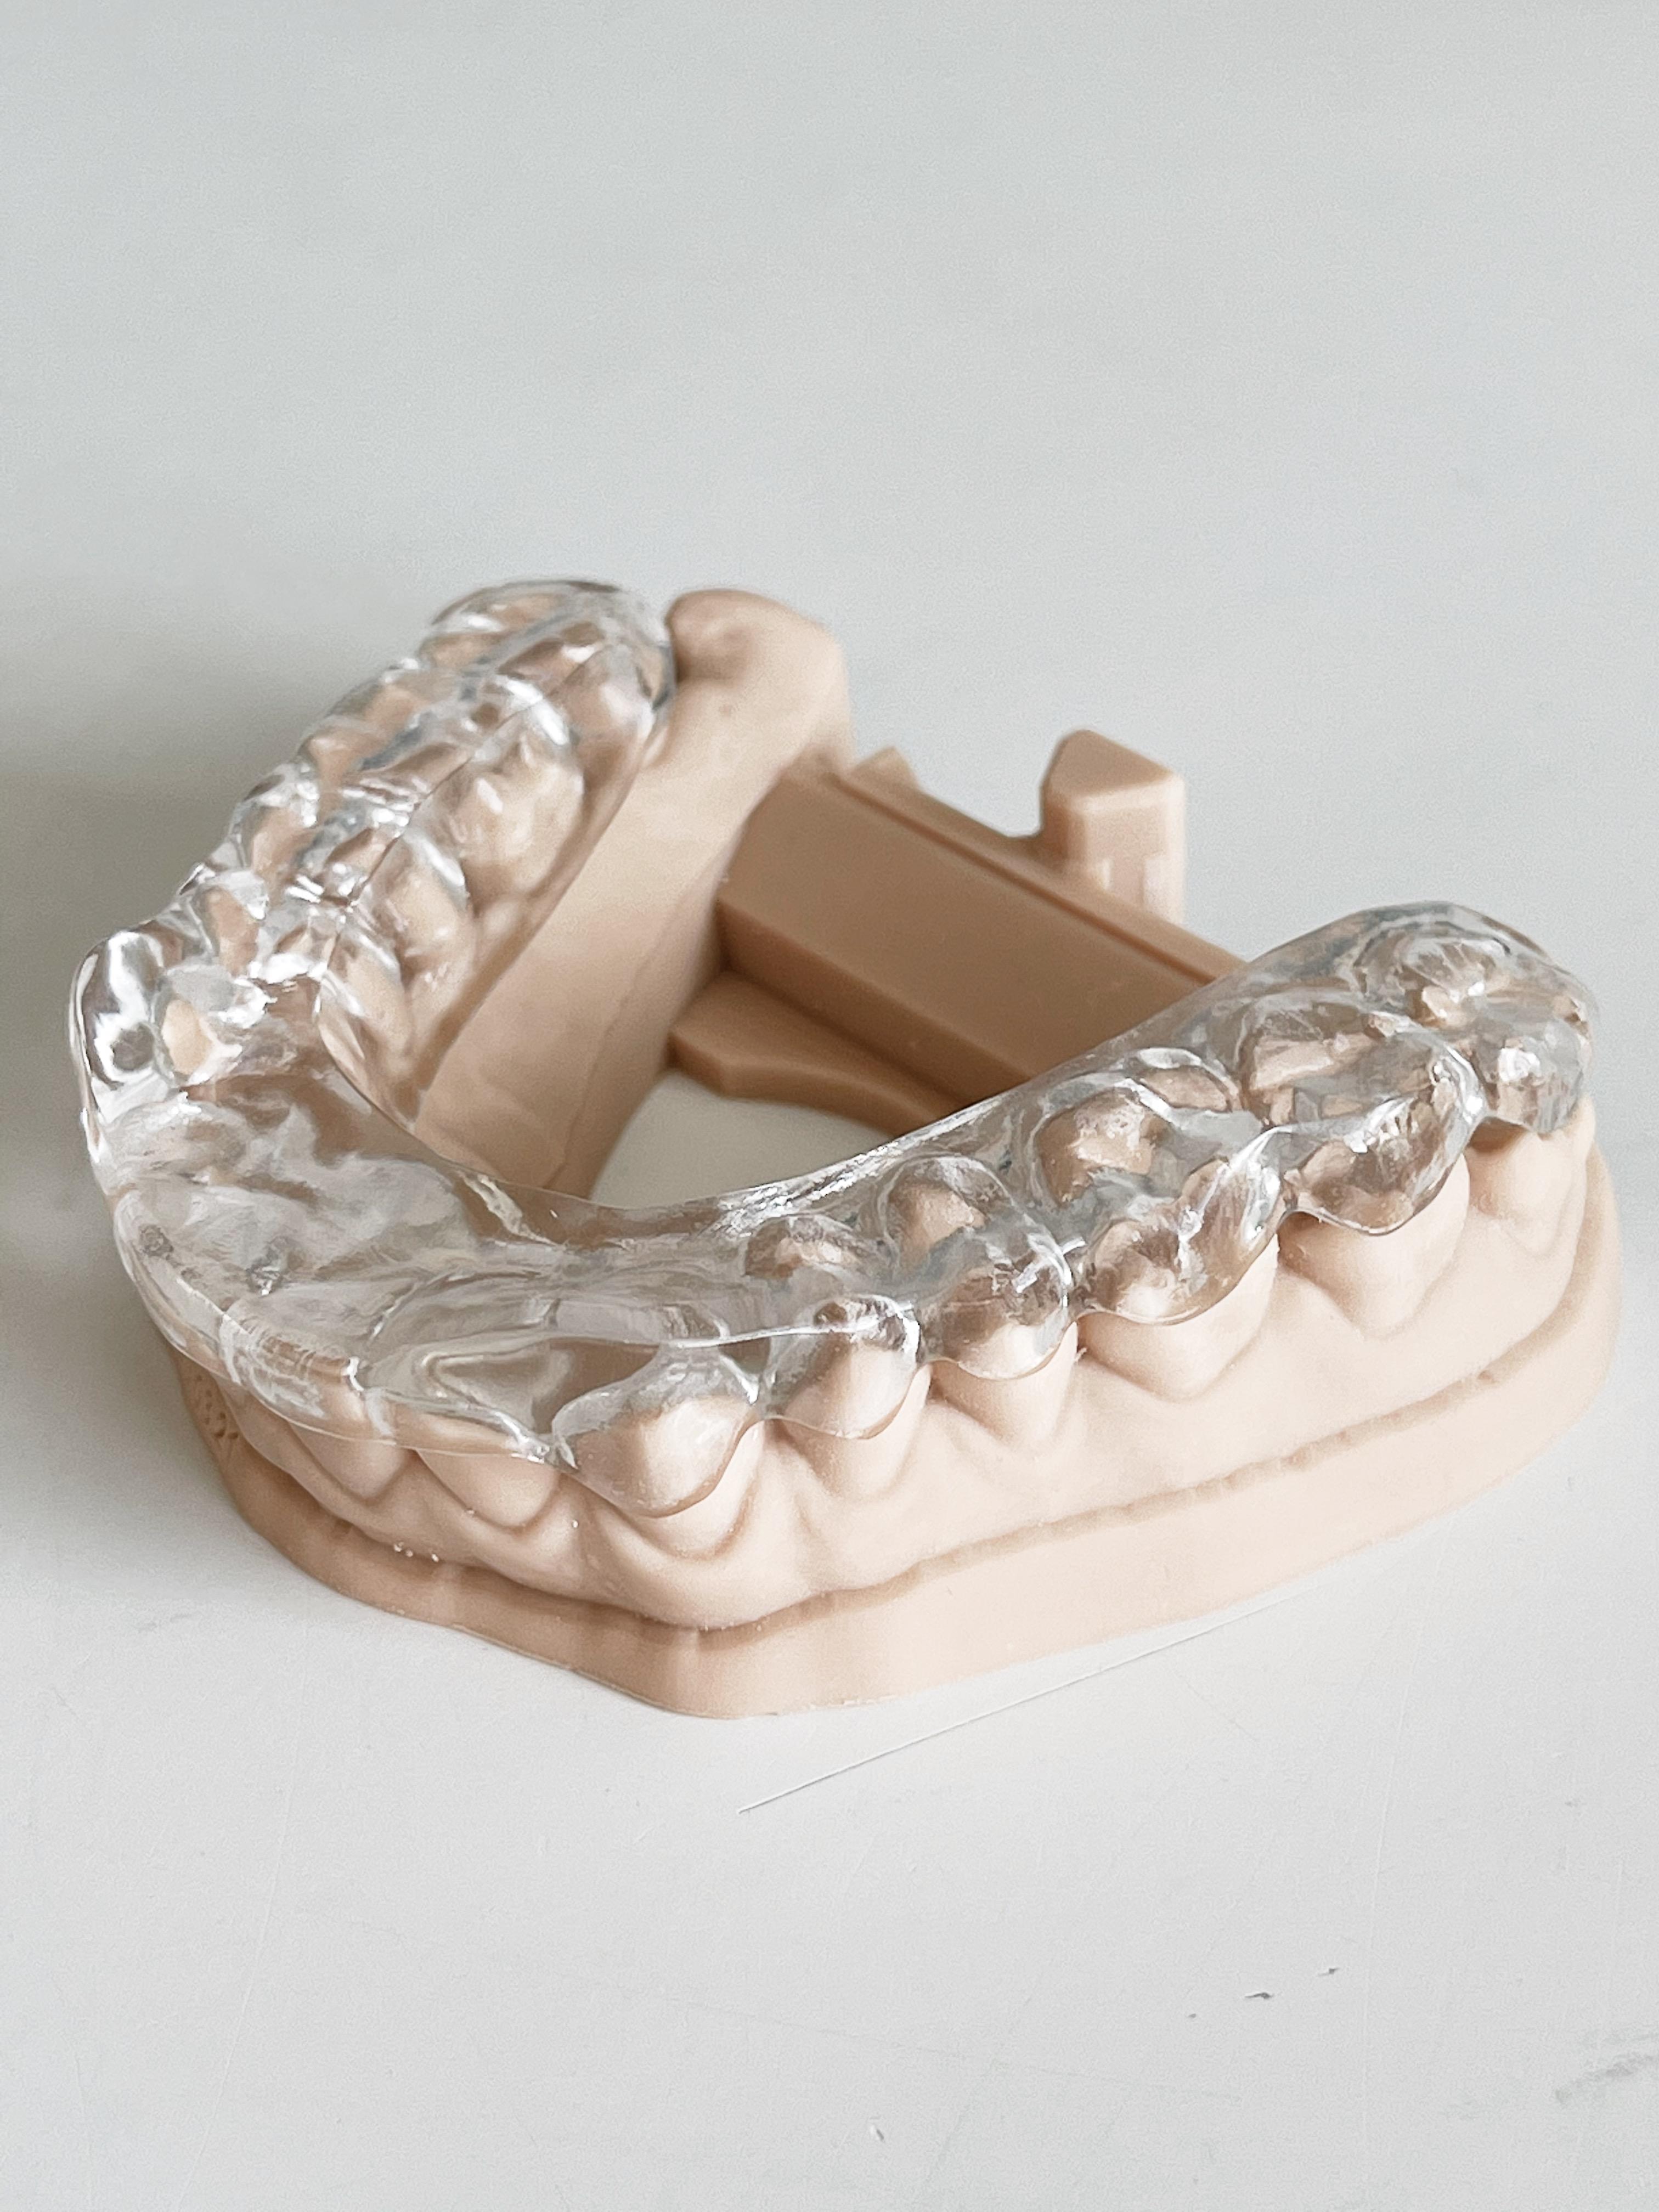 'Ich beisse mir die Zähne aus....'